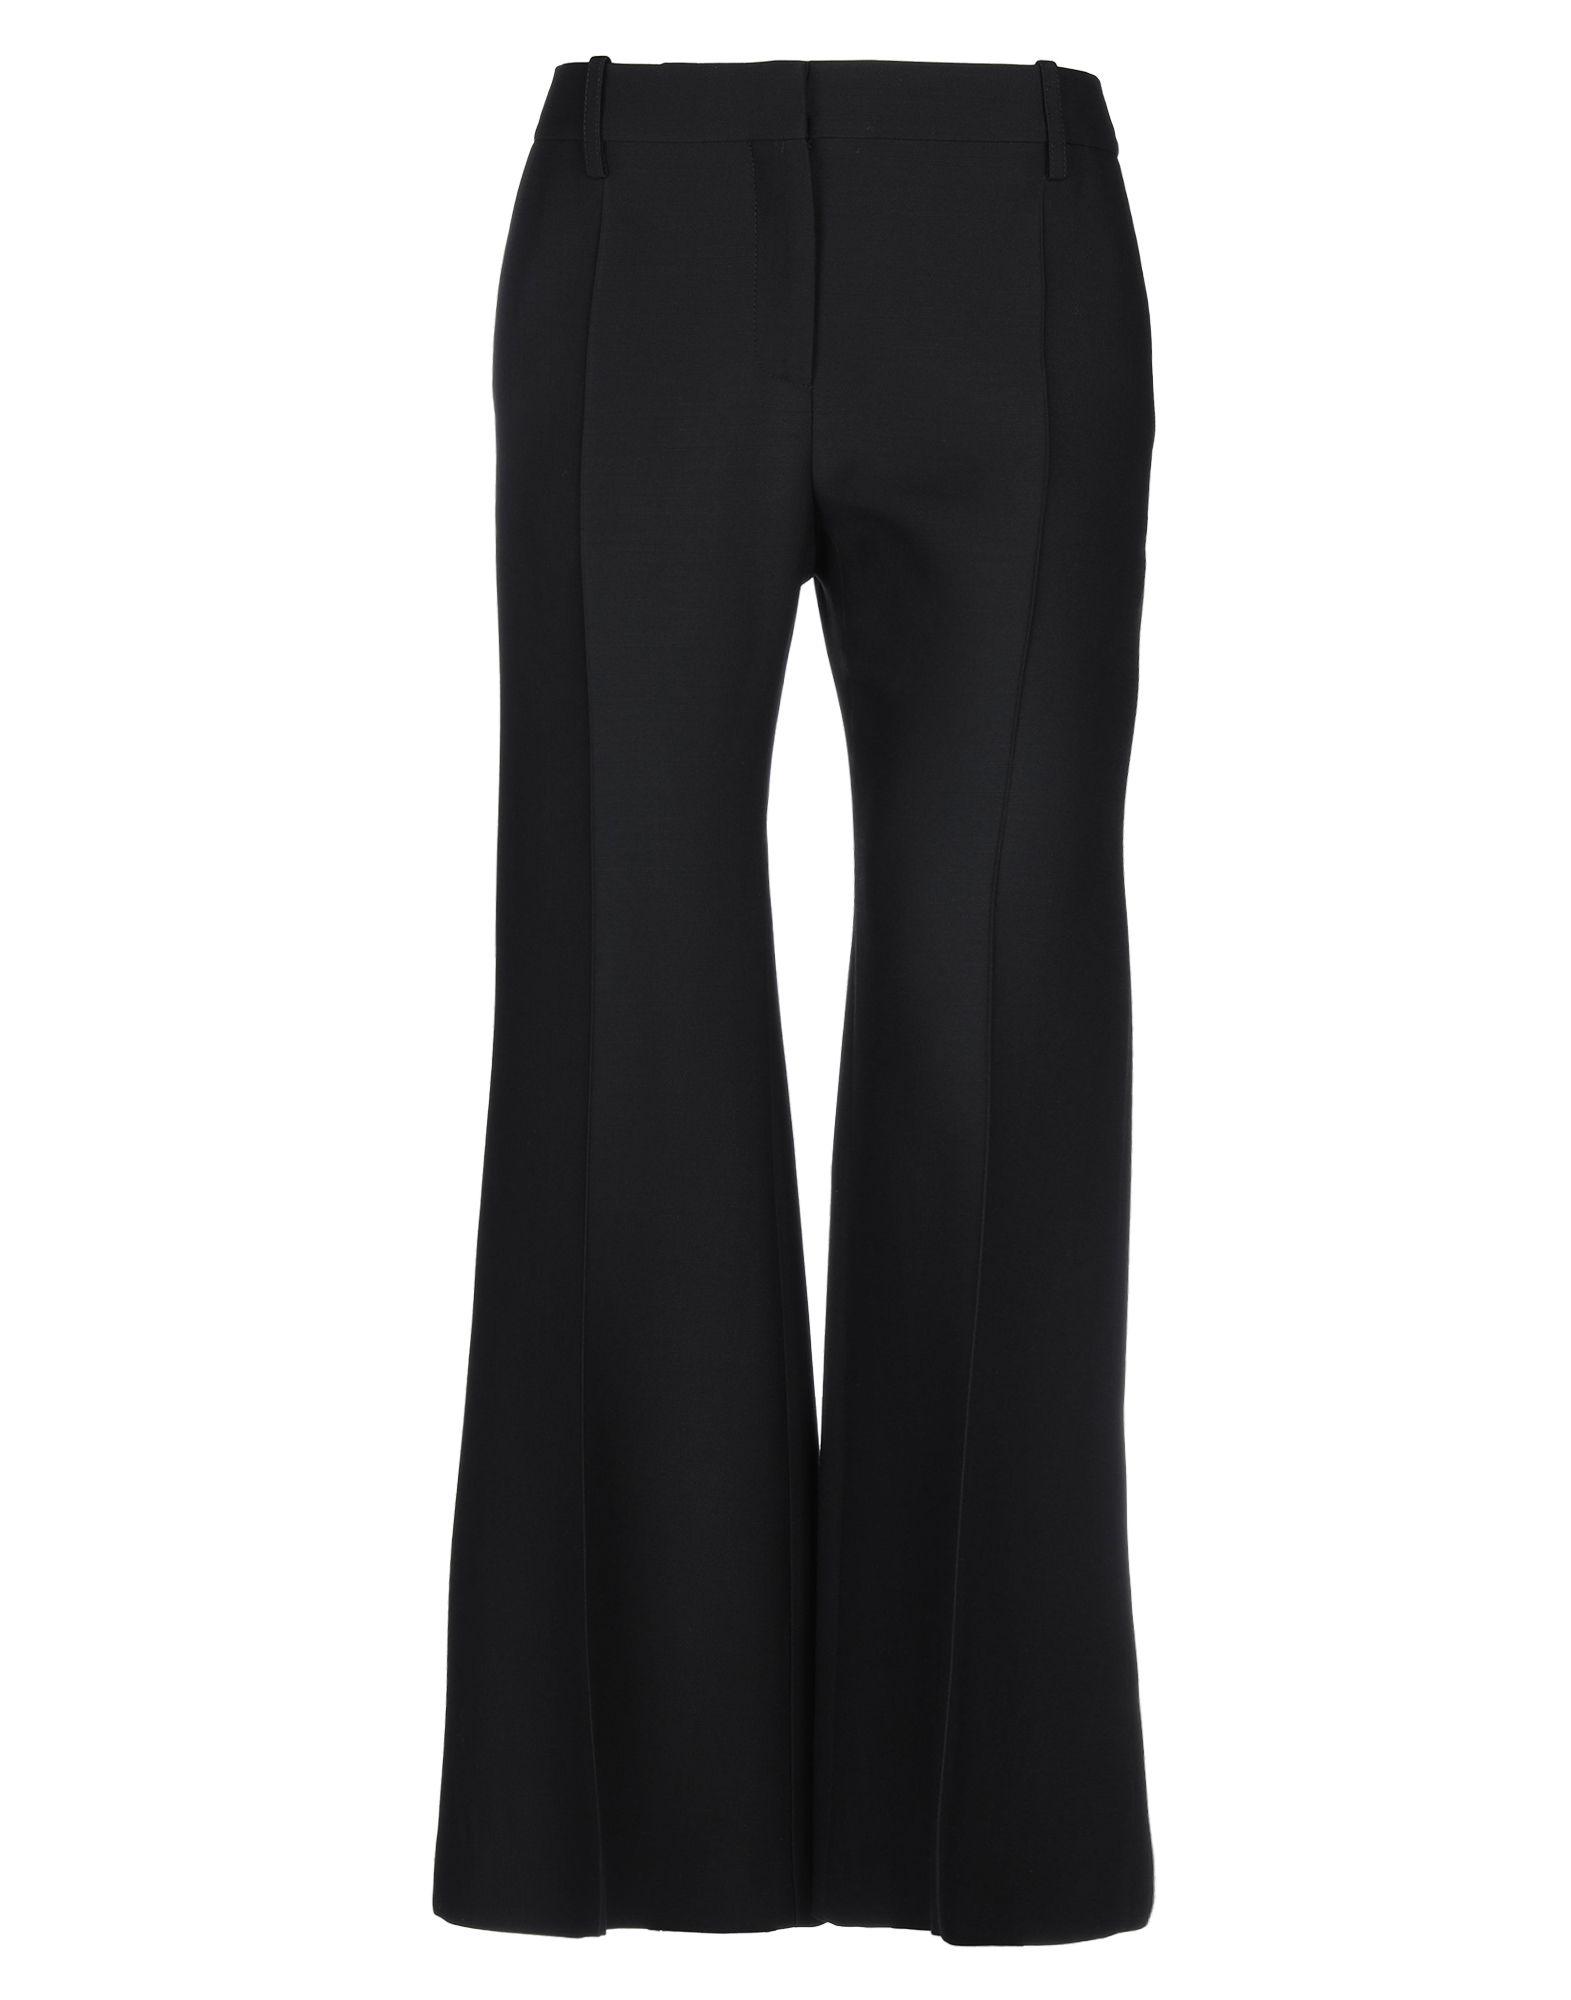 《セール開催中》VALENTINO レディース パンツ ブラック 44 バージンウール 65% / シルク 35%